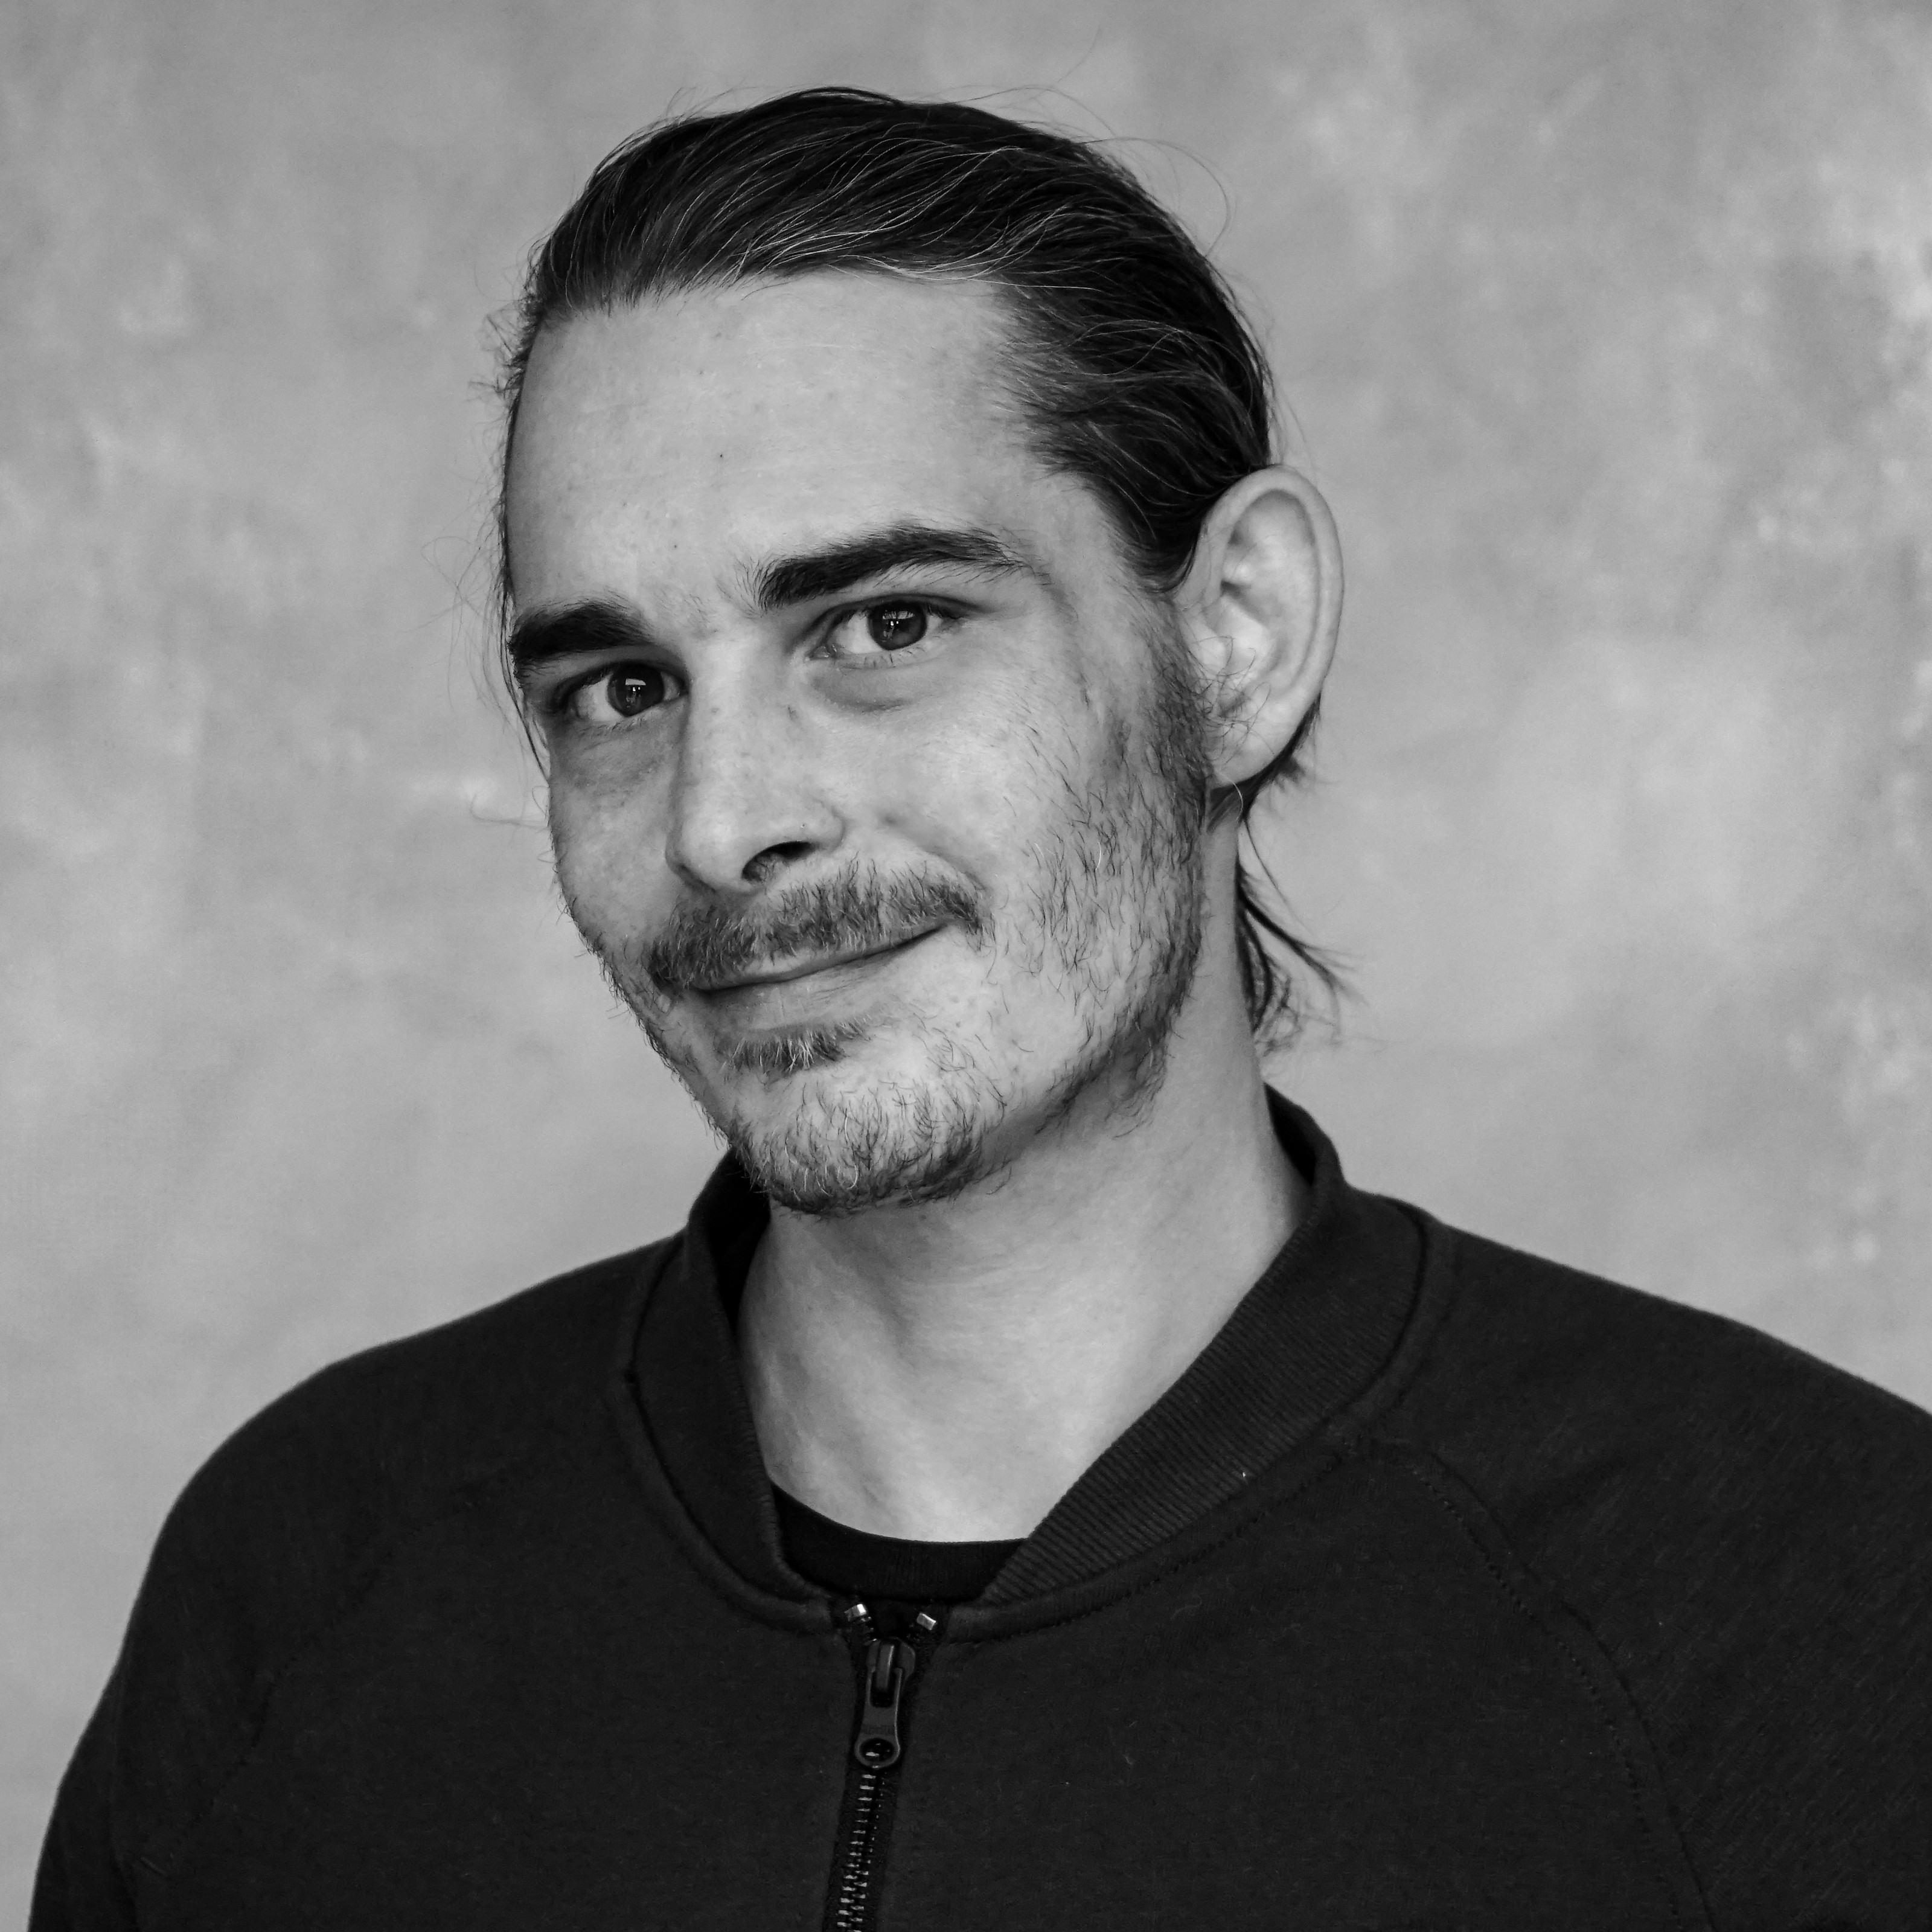 Florian Abel Profilbild schwarz weiß